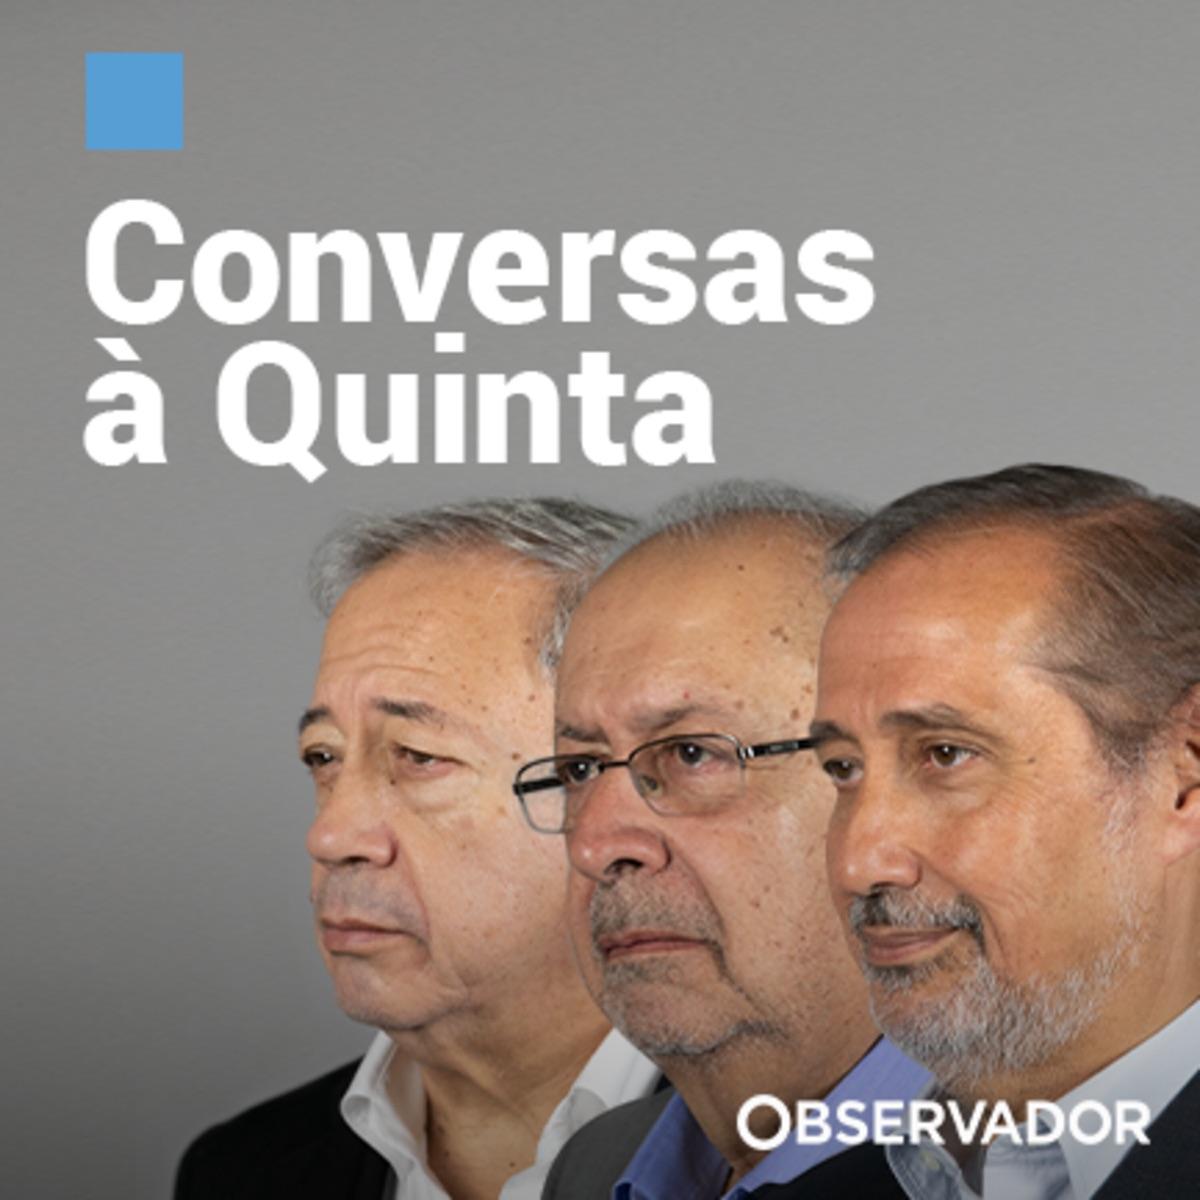 Conversas à Quinta